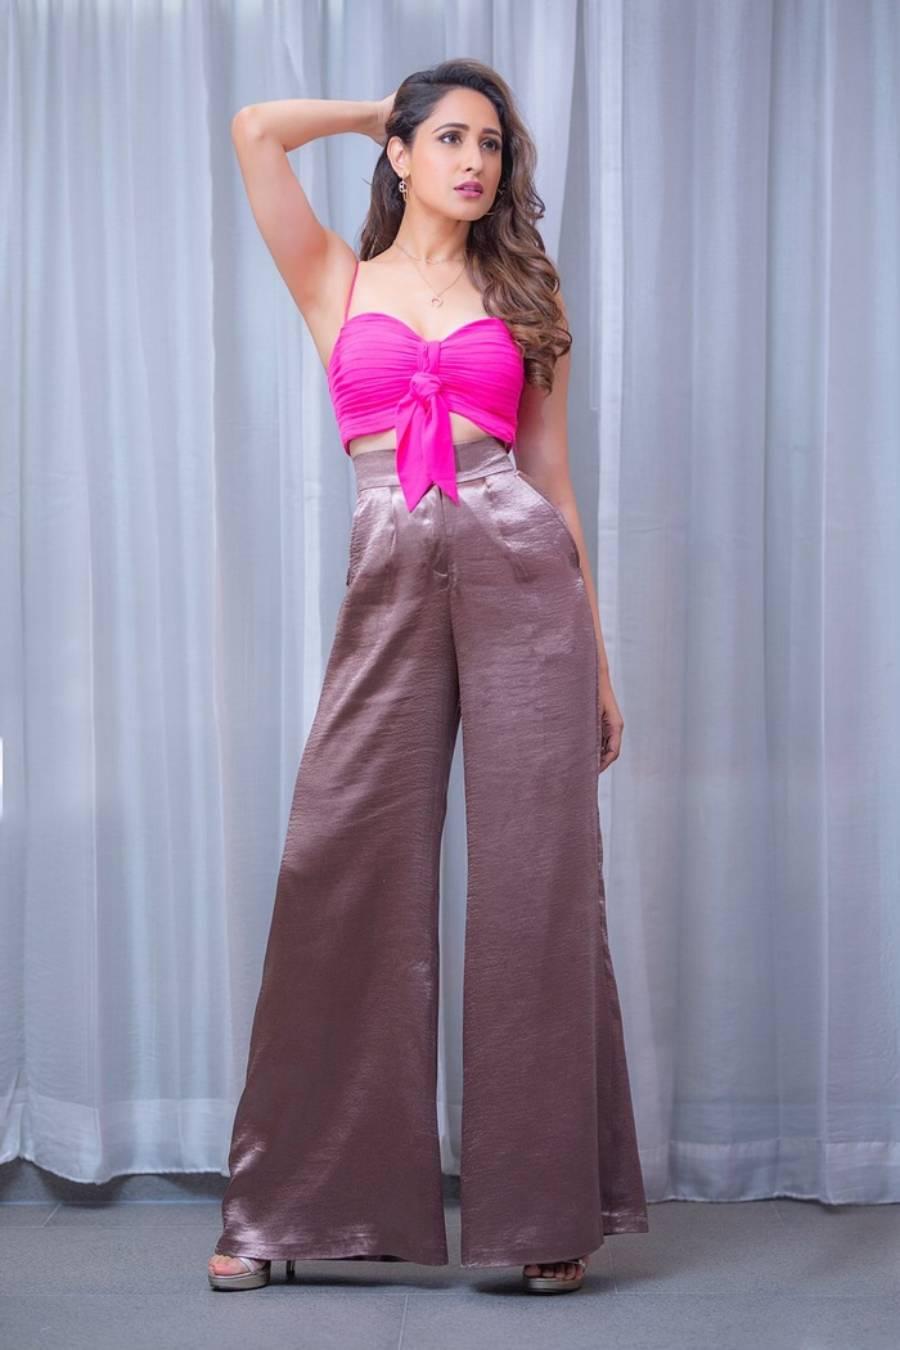 South Indian Girl Pragya Jaiswal Photoshoot In Hot Pink Top